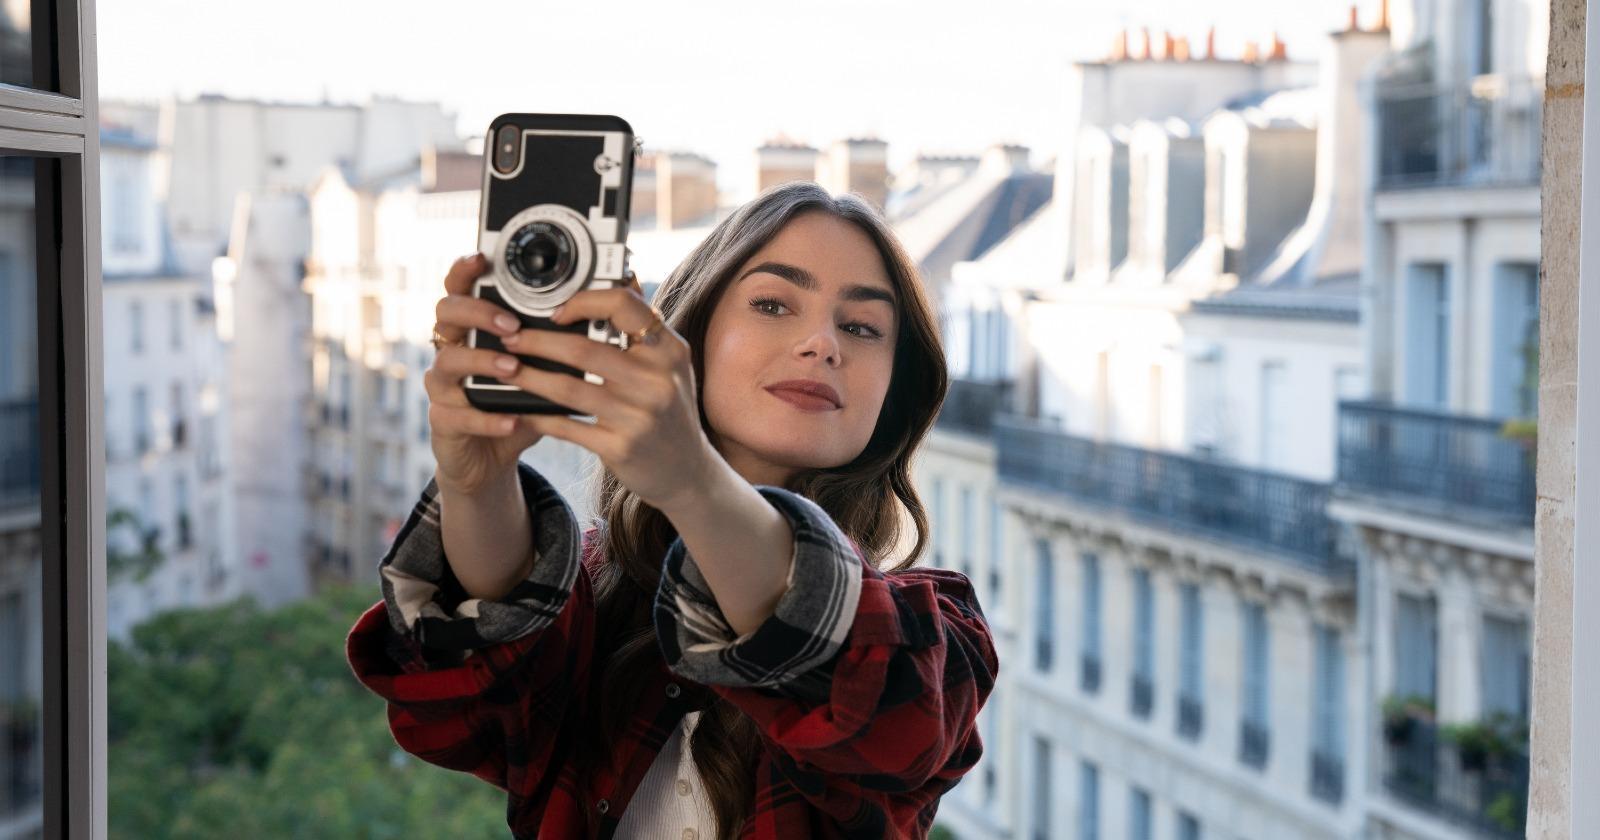 Emily en París en el balcón de su habitación Chambre de Bonne, tomándose una Selfie con los edificios blancos parisinos de fondo